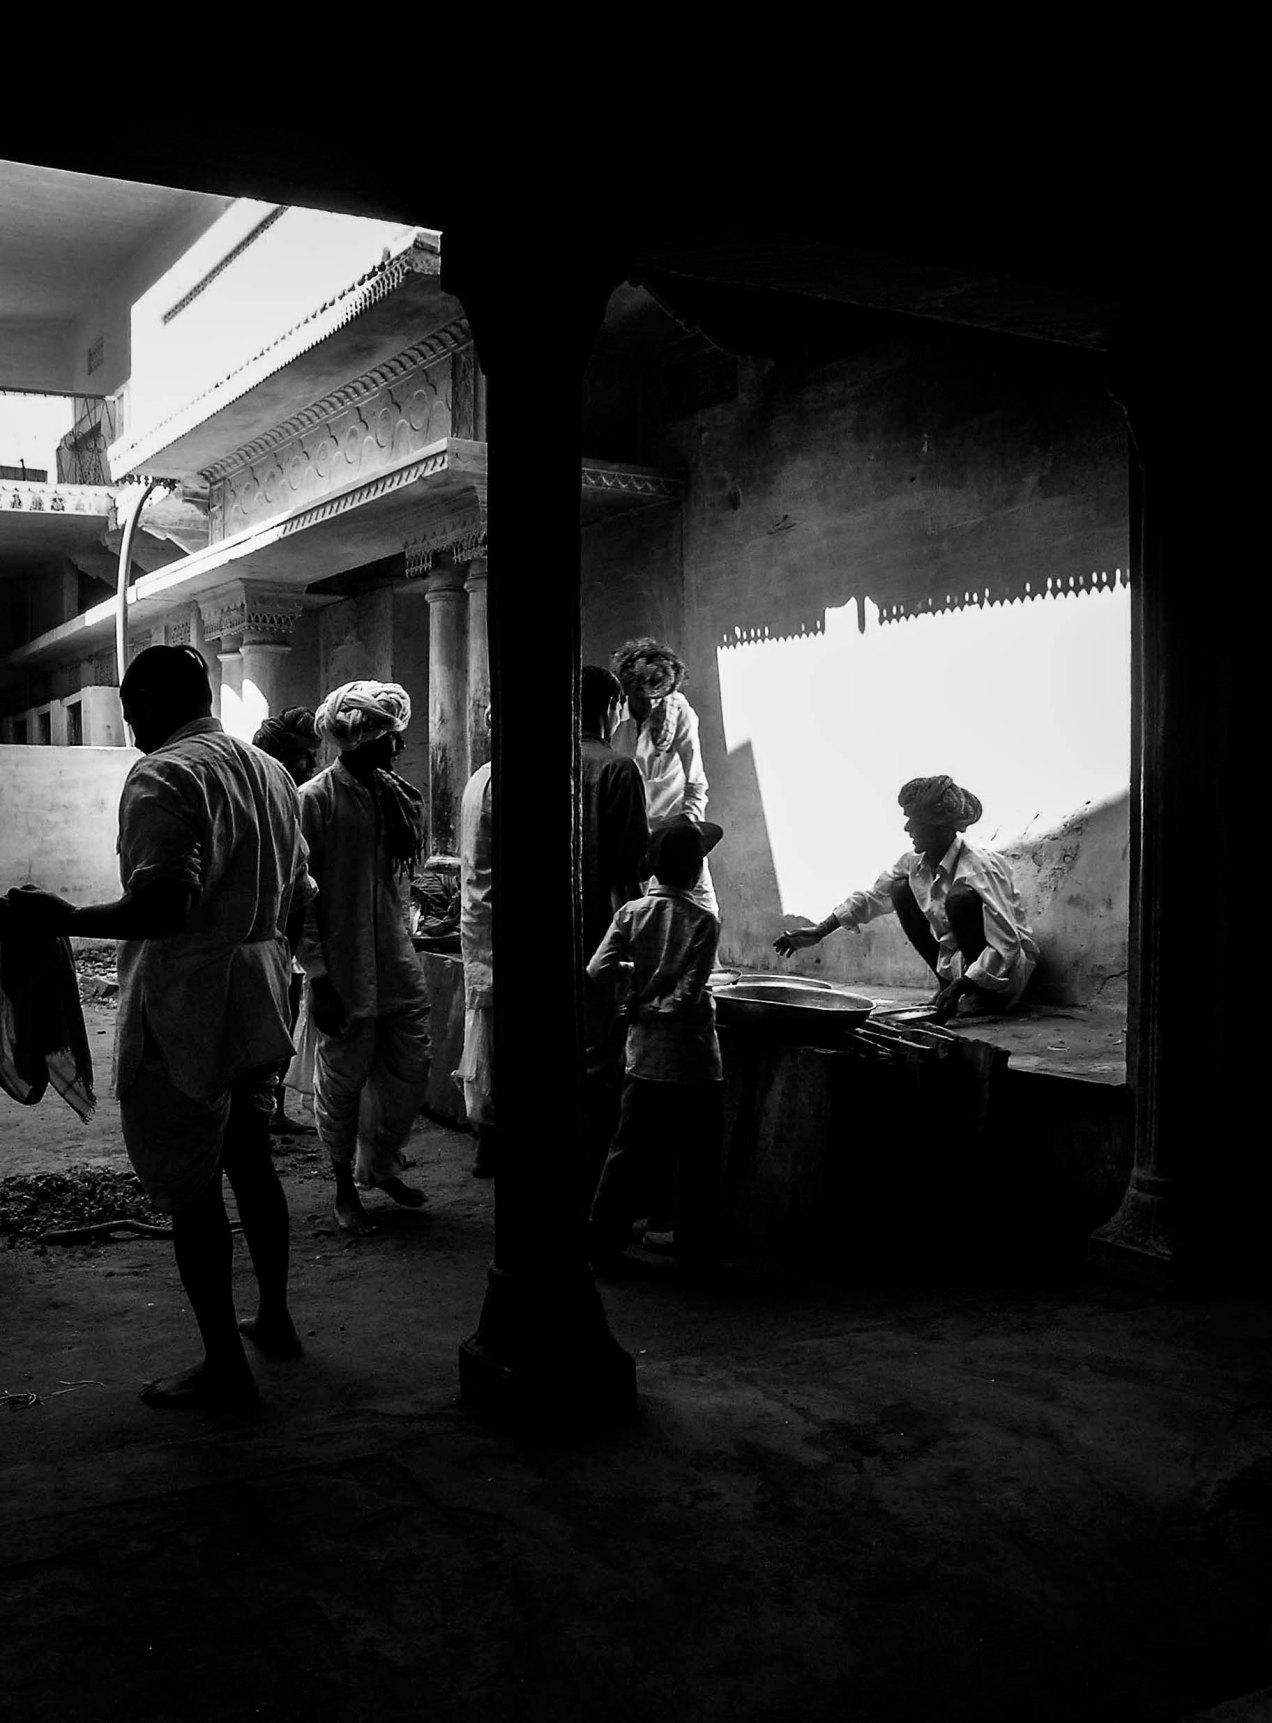 Pushkar, le marché, Inde, gildalliere, 2004